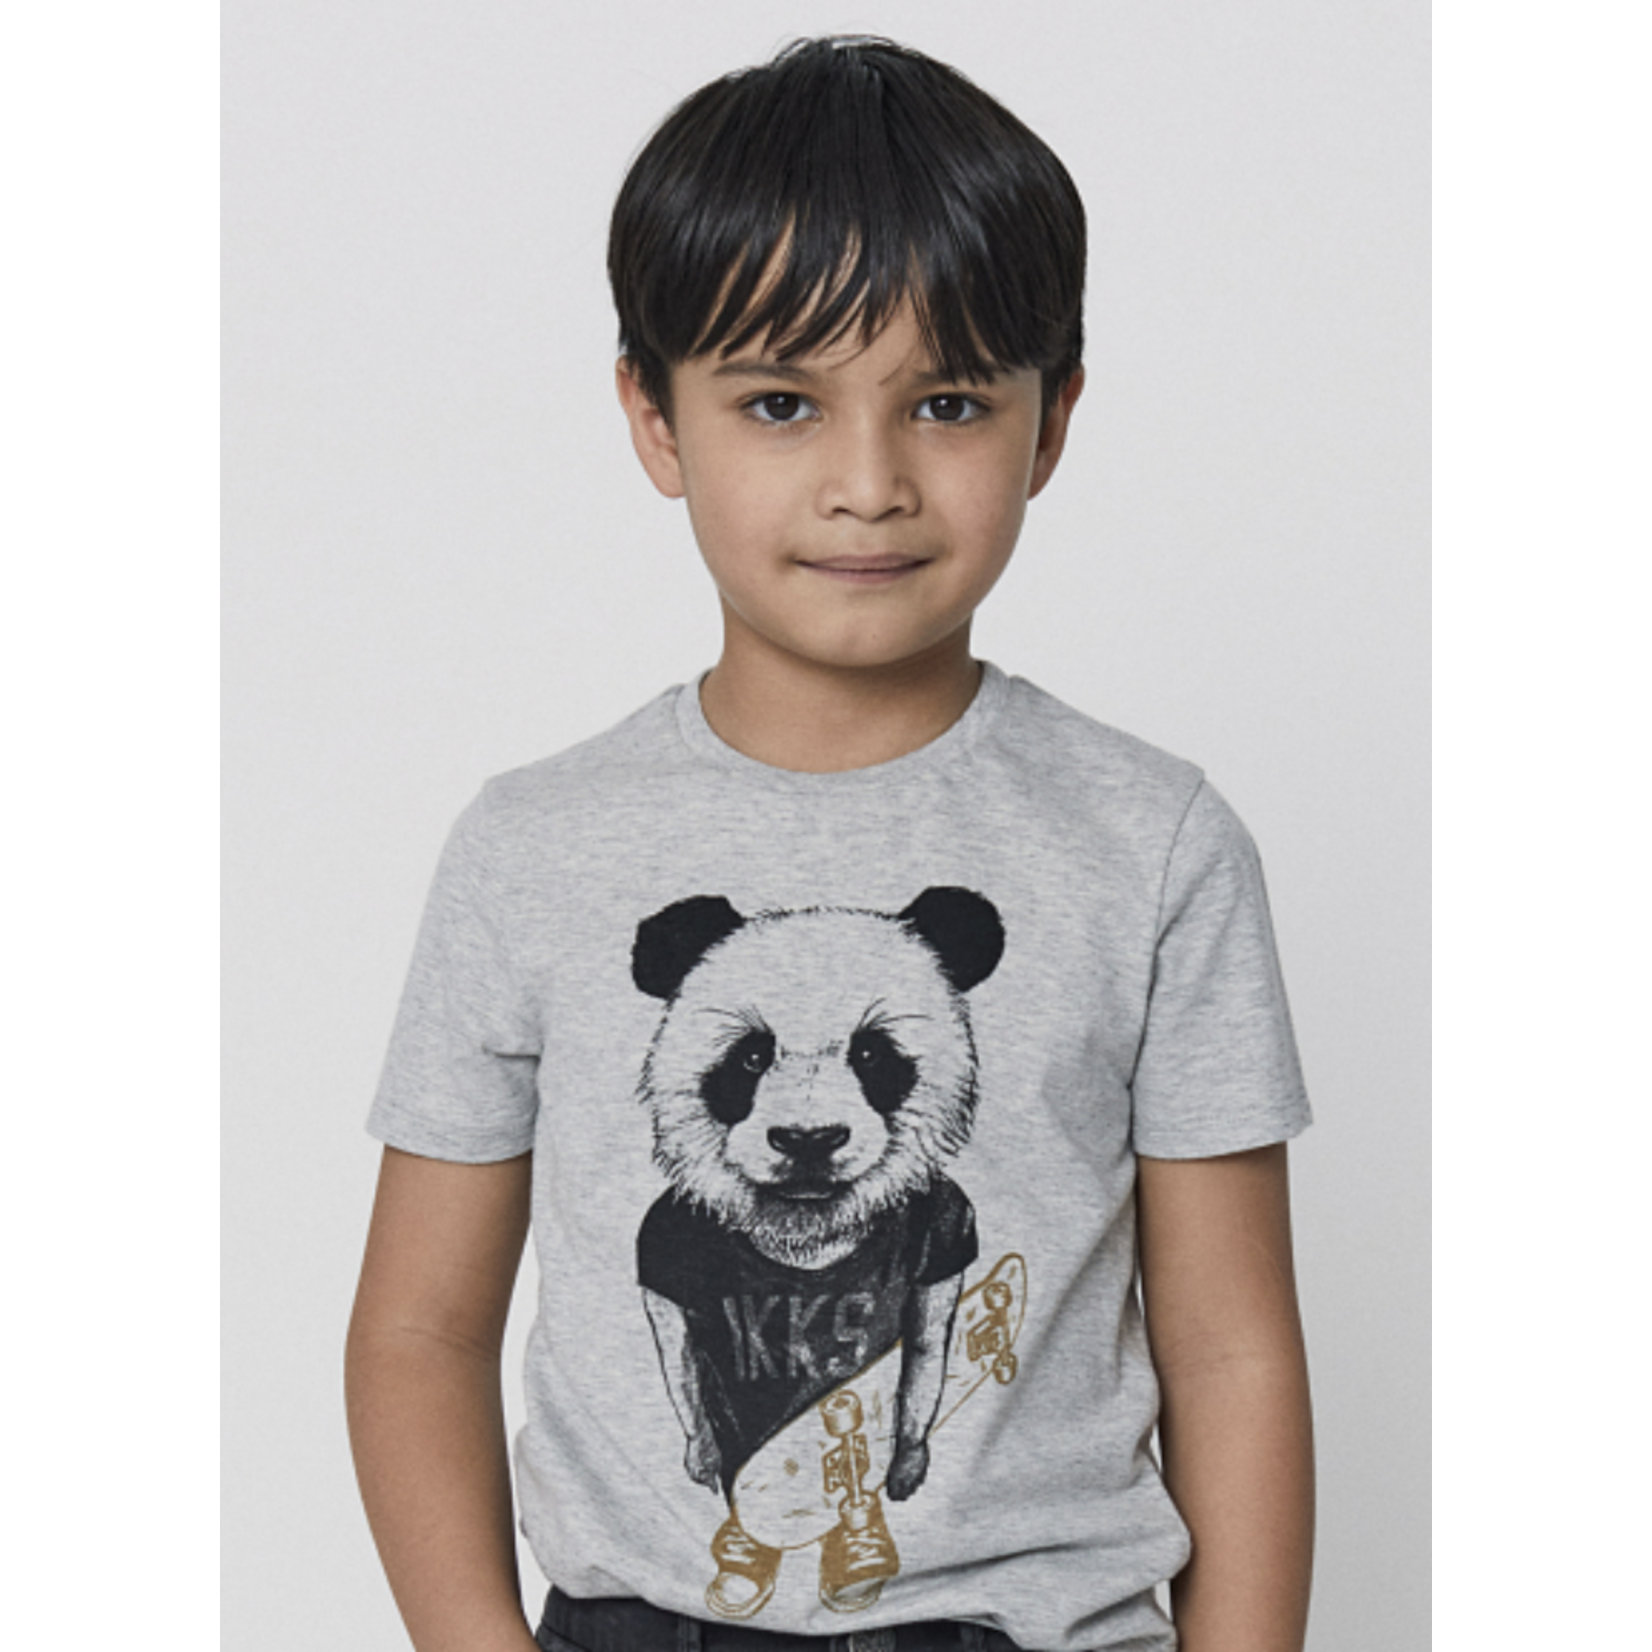 IKKS T-shirt Kasbah Rock'in XS10323